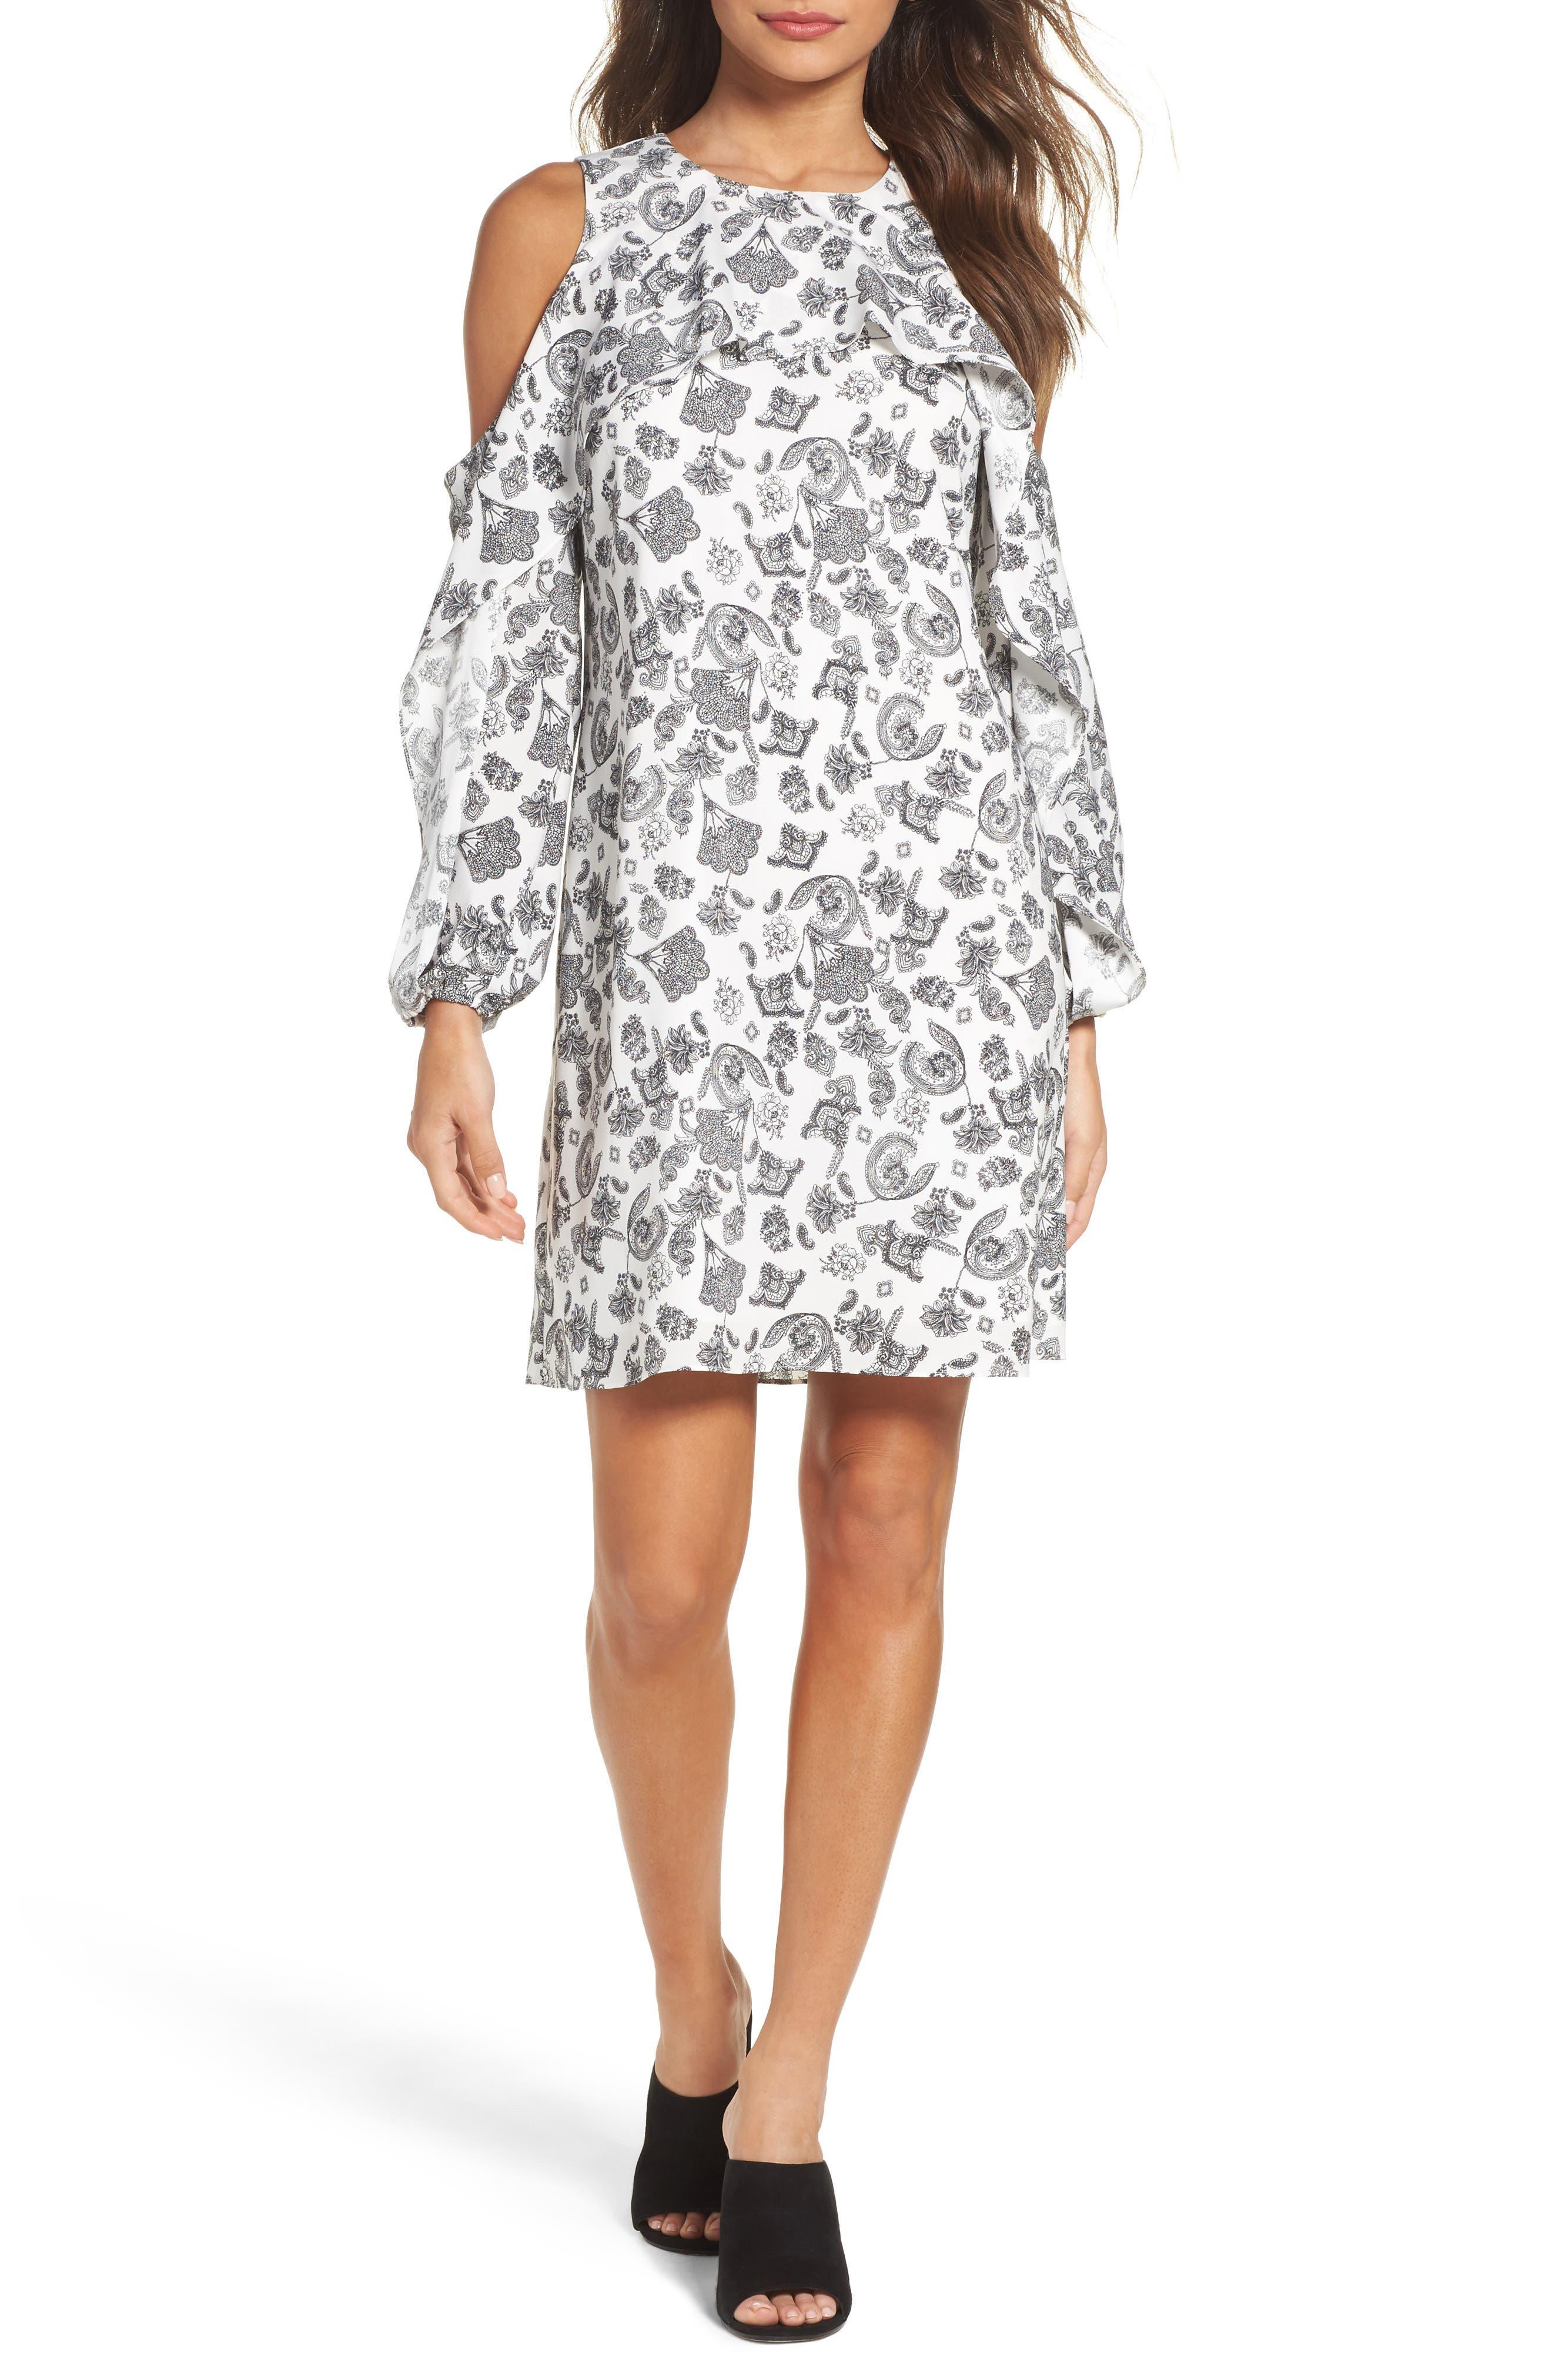 Alternate Image 1 Selected - Kobi Halperin Amber Cold Shoulder Shift Dress (Nordstrom Exclusive)